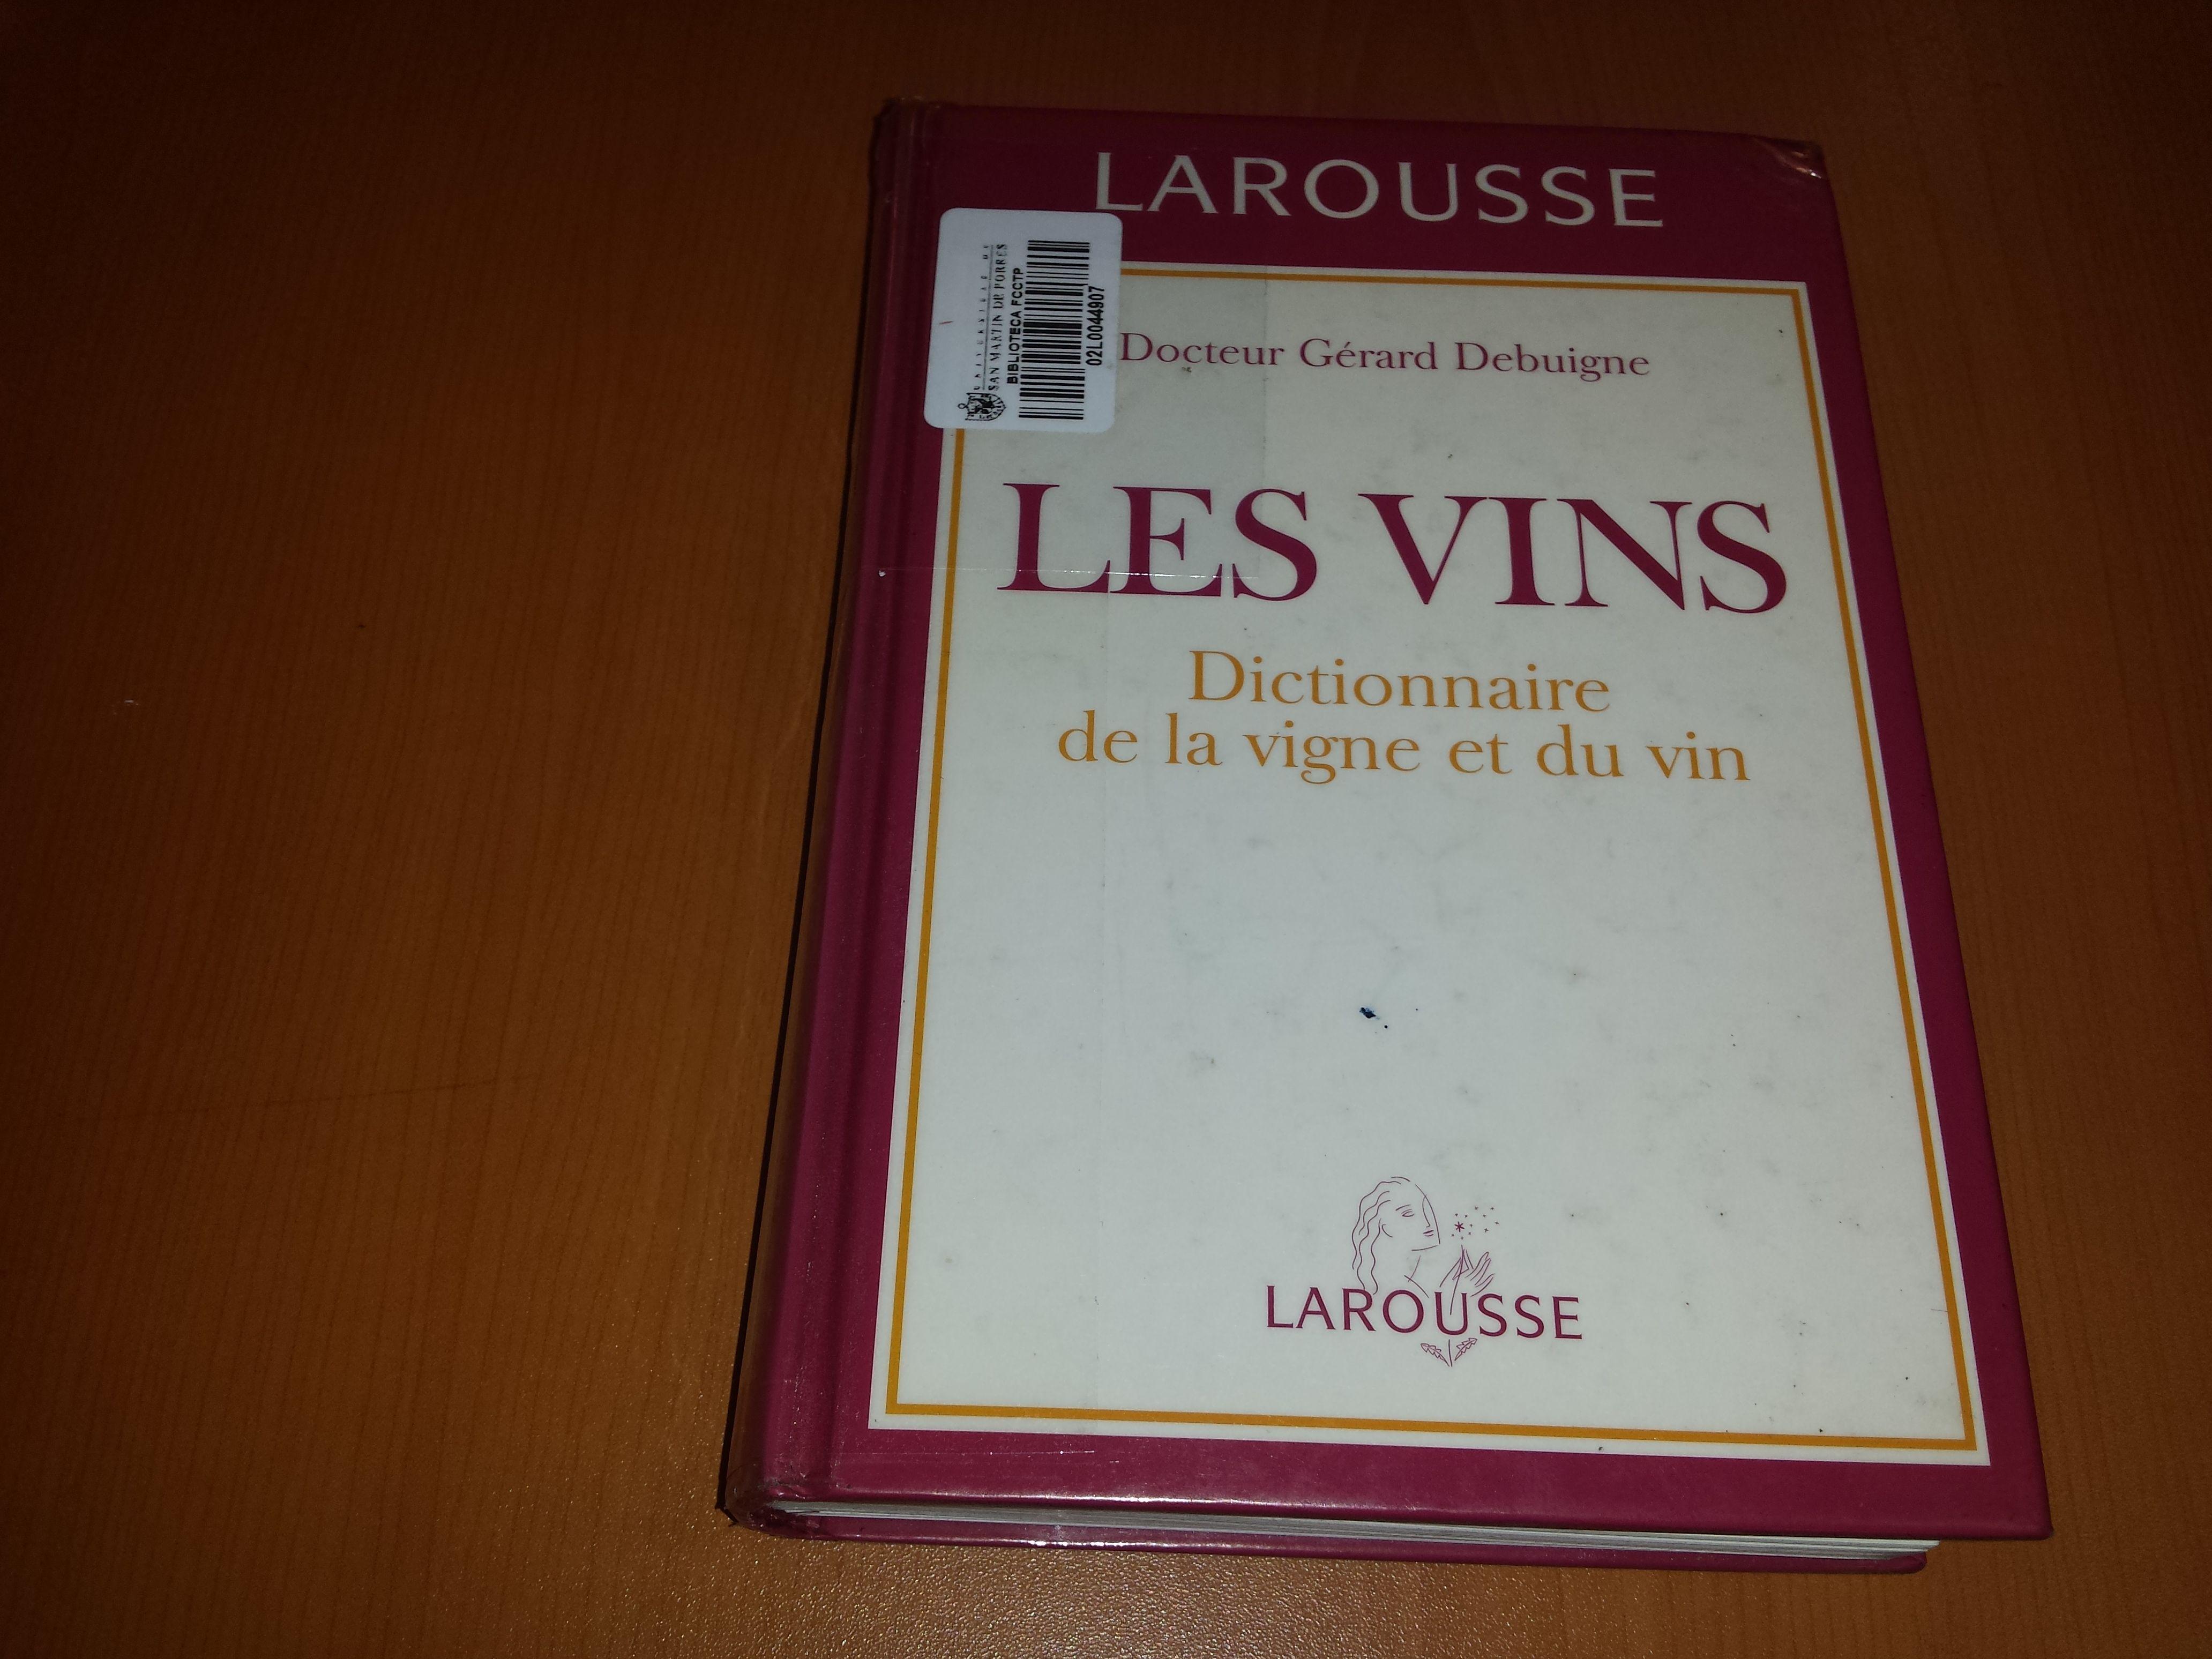 Título: Les vins, dictionnaire de la vigne et du vin /  Autor: Debuigne, Gerard / Ubicación: FCCTP – Gastronomía – Tercer piso / Código:  G/EUR/ 663.2 D52